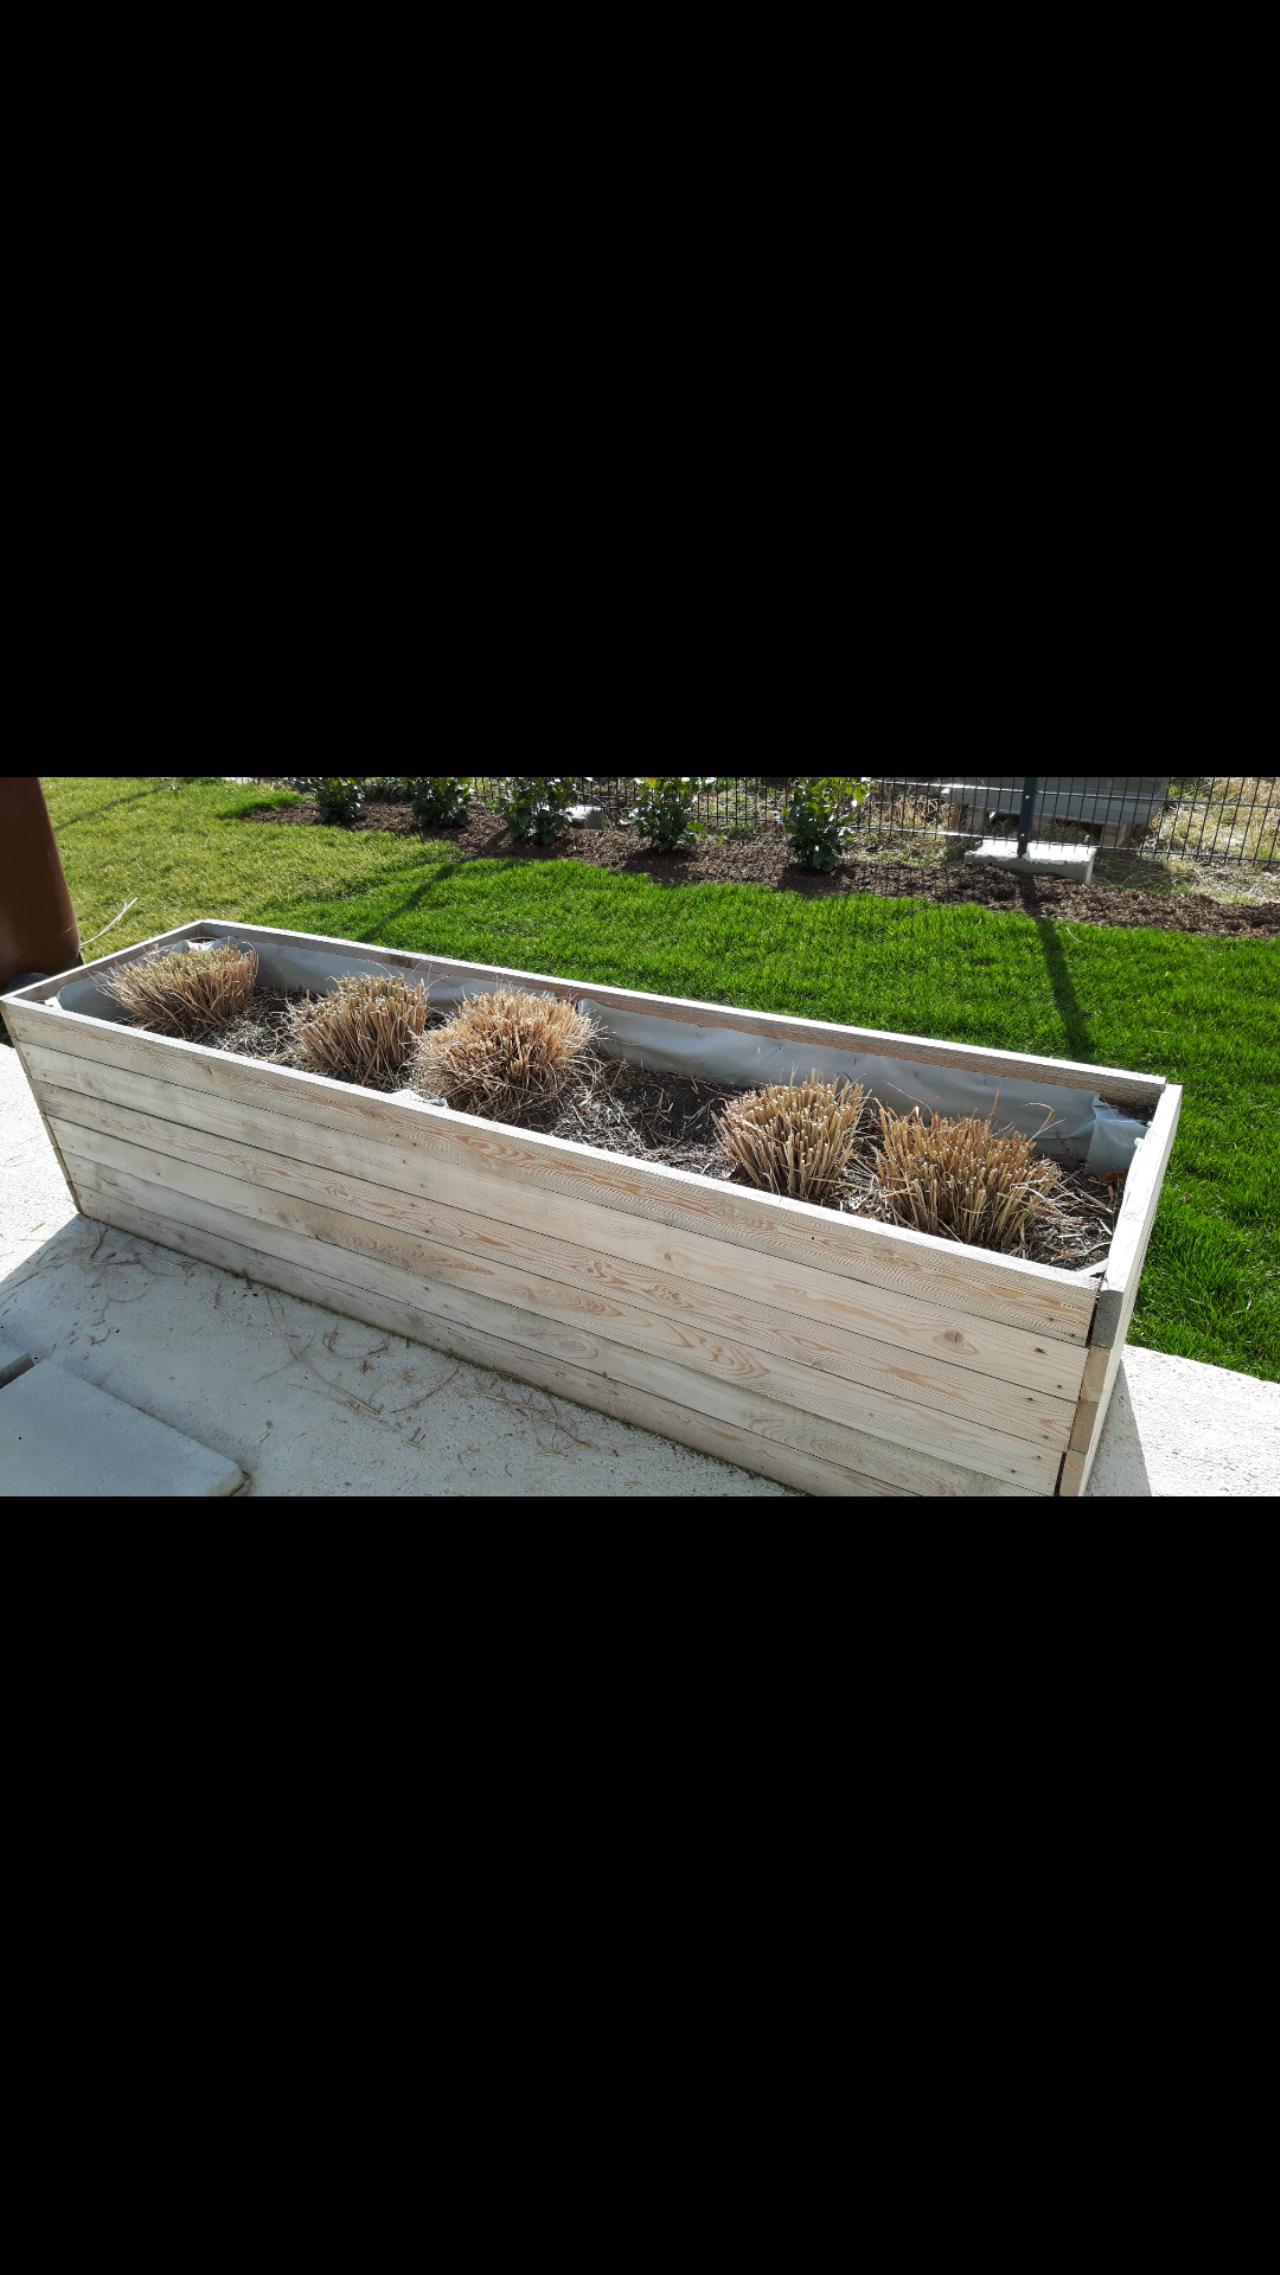 pflanztrog selber bauen gartenforum auf. Black Bedroom Furniture Sets. Home Design Ideas